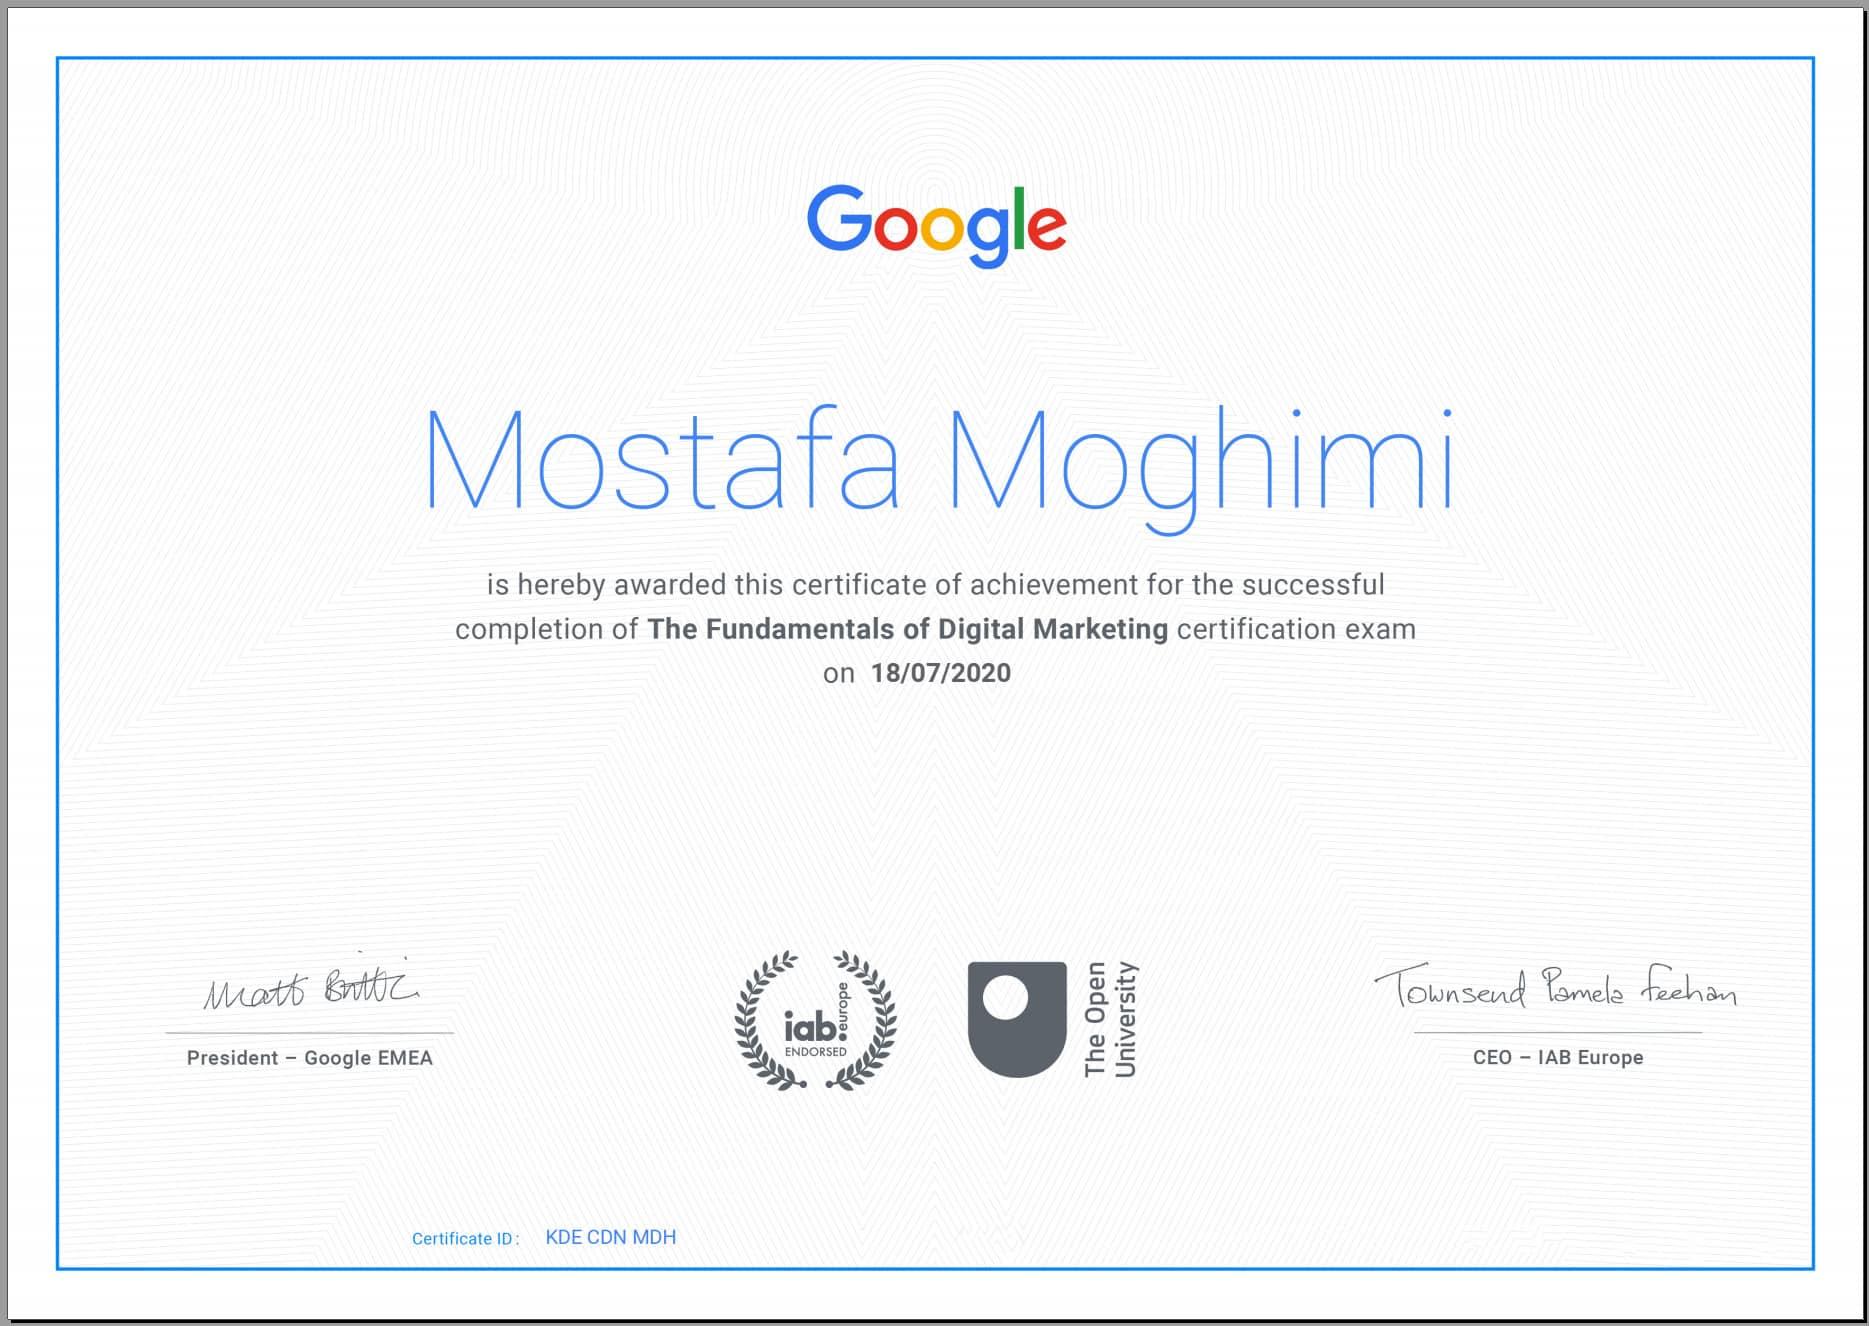 مدرک دیجیتال مارکتینگ از شرکت گوگل